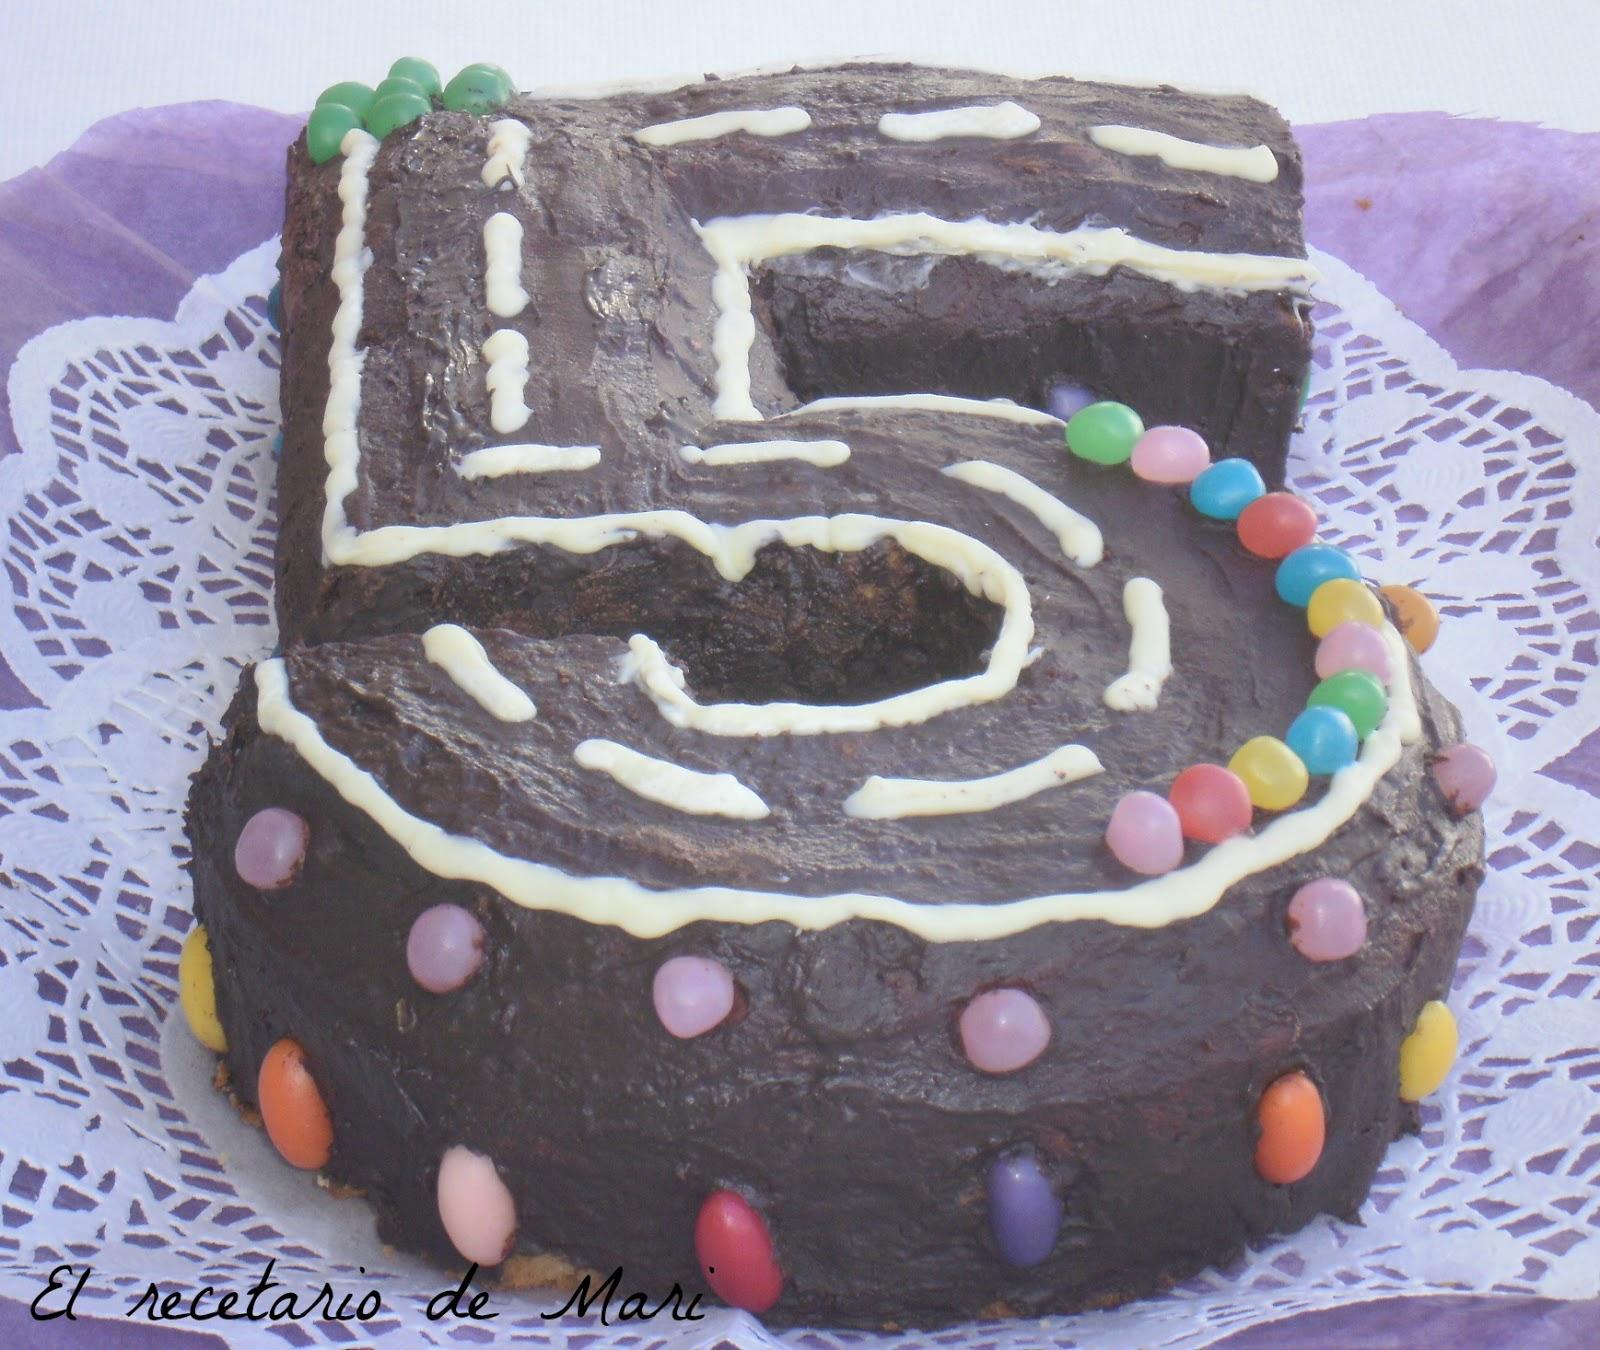 El recetario de mari tarta infantil en forma de 5 - Bizcochos cumpleanos infantiles ...